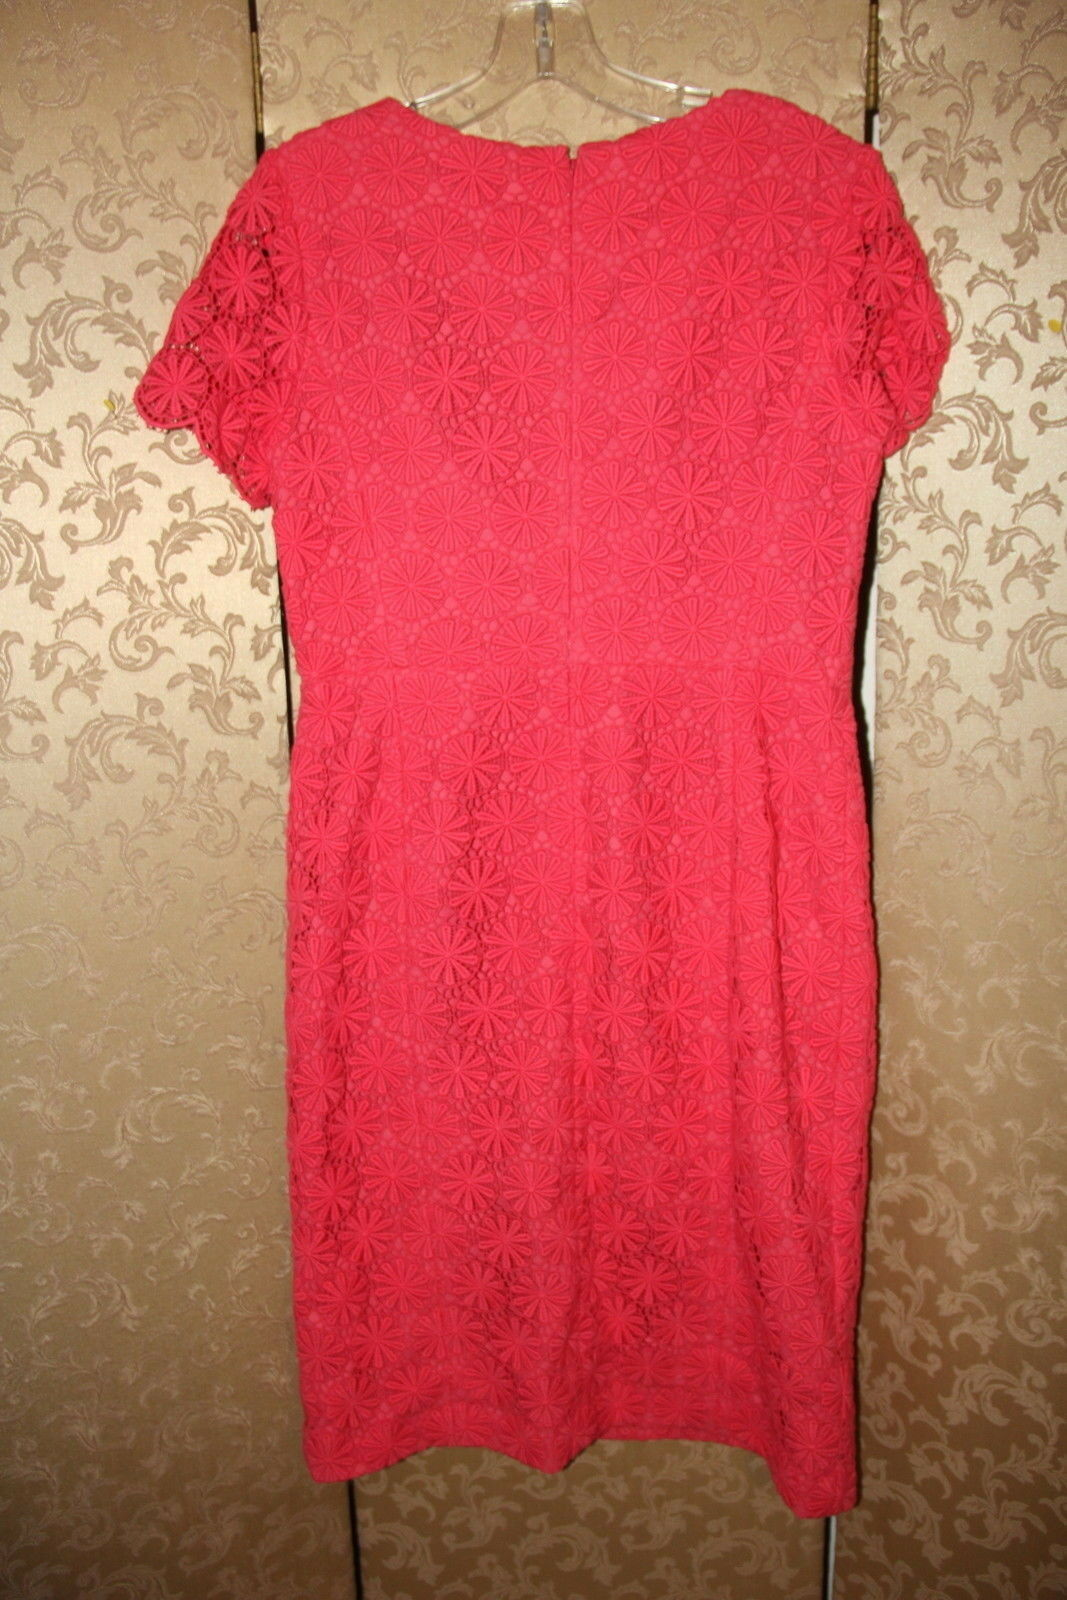 Talbots Nuevo con etiquetas Coral Coral Coral Salmón Rojo Vestido tubo de algodón con ojales de encaje floral 6 983074